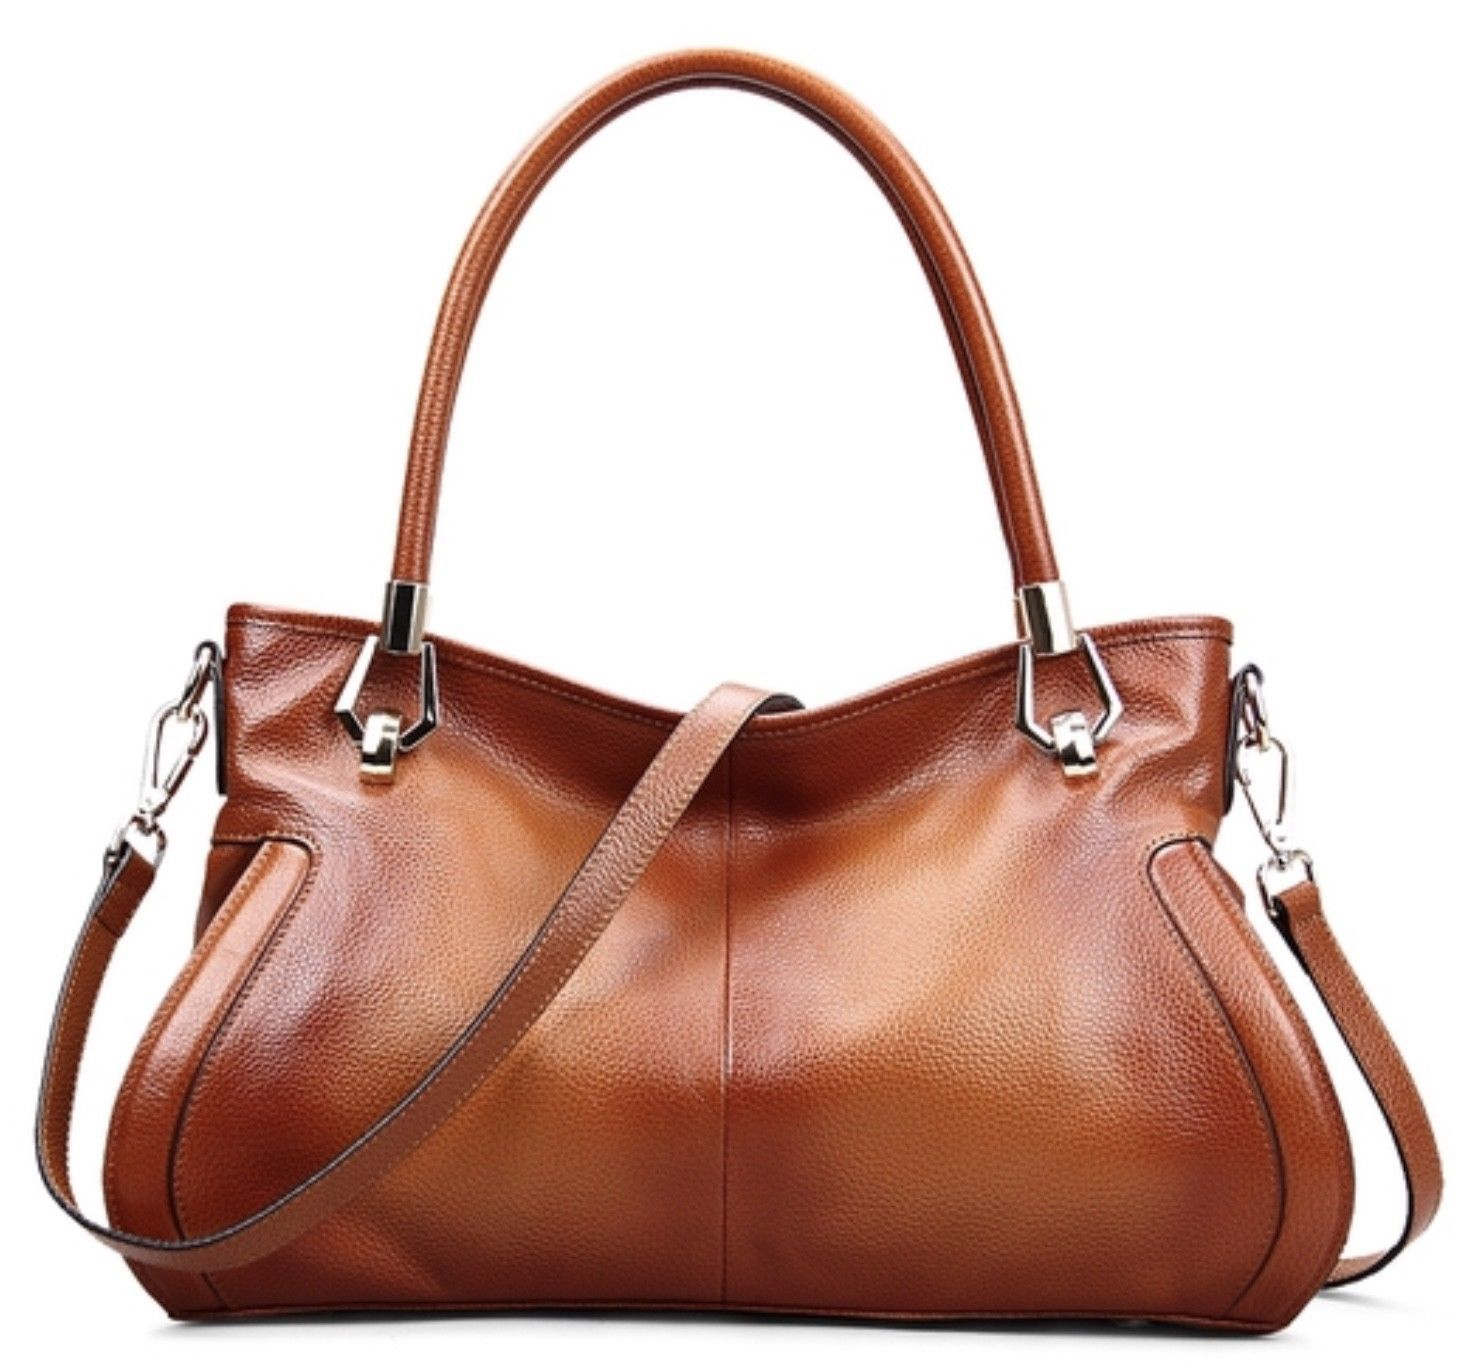 New Brown Pebbled Leather Satchel Handbag Purse Shoulder Bag